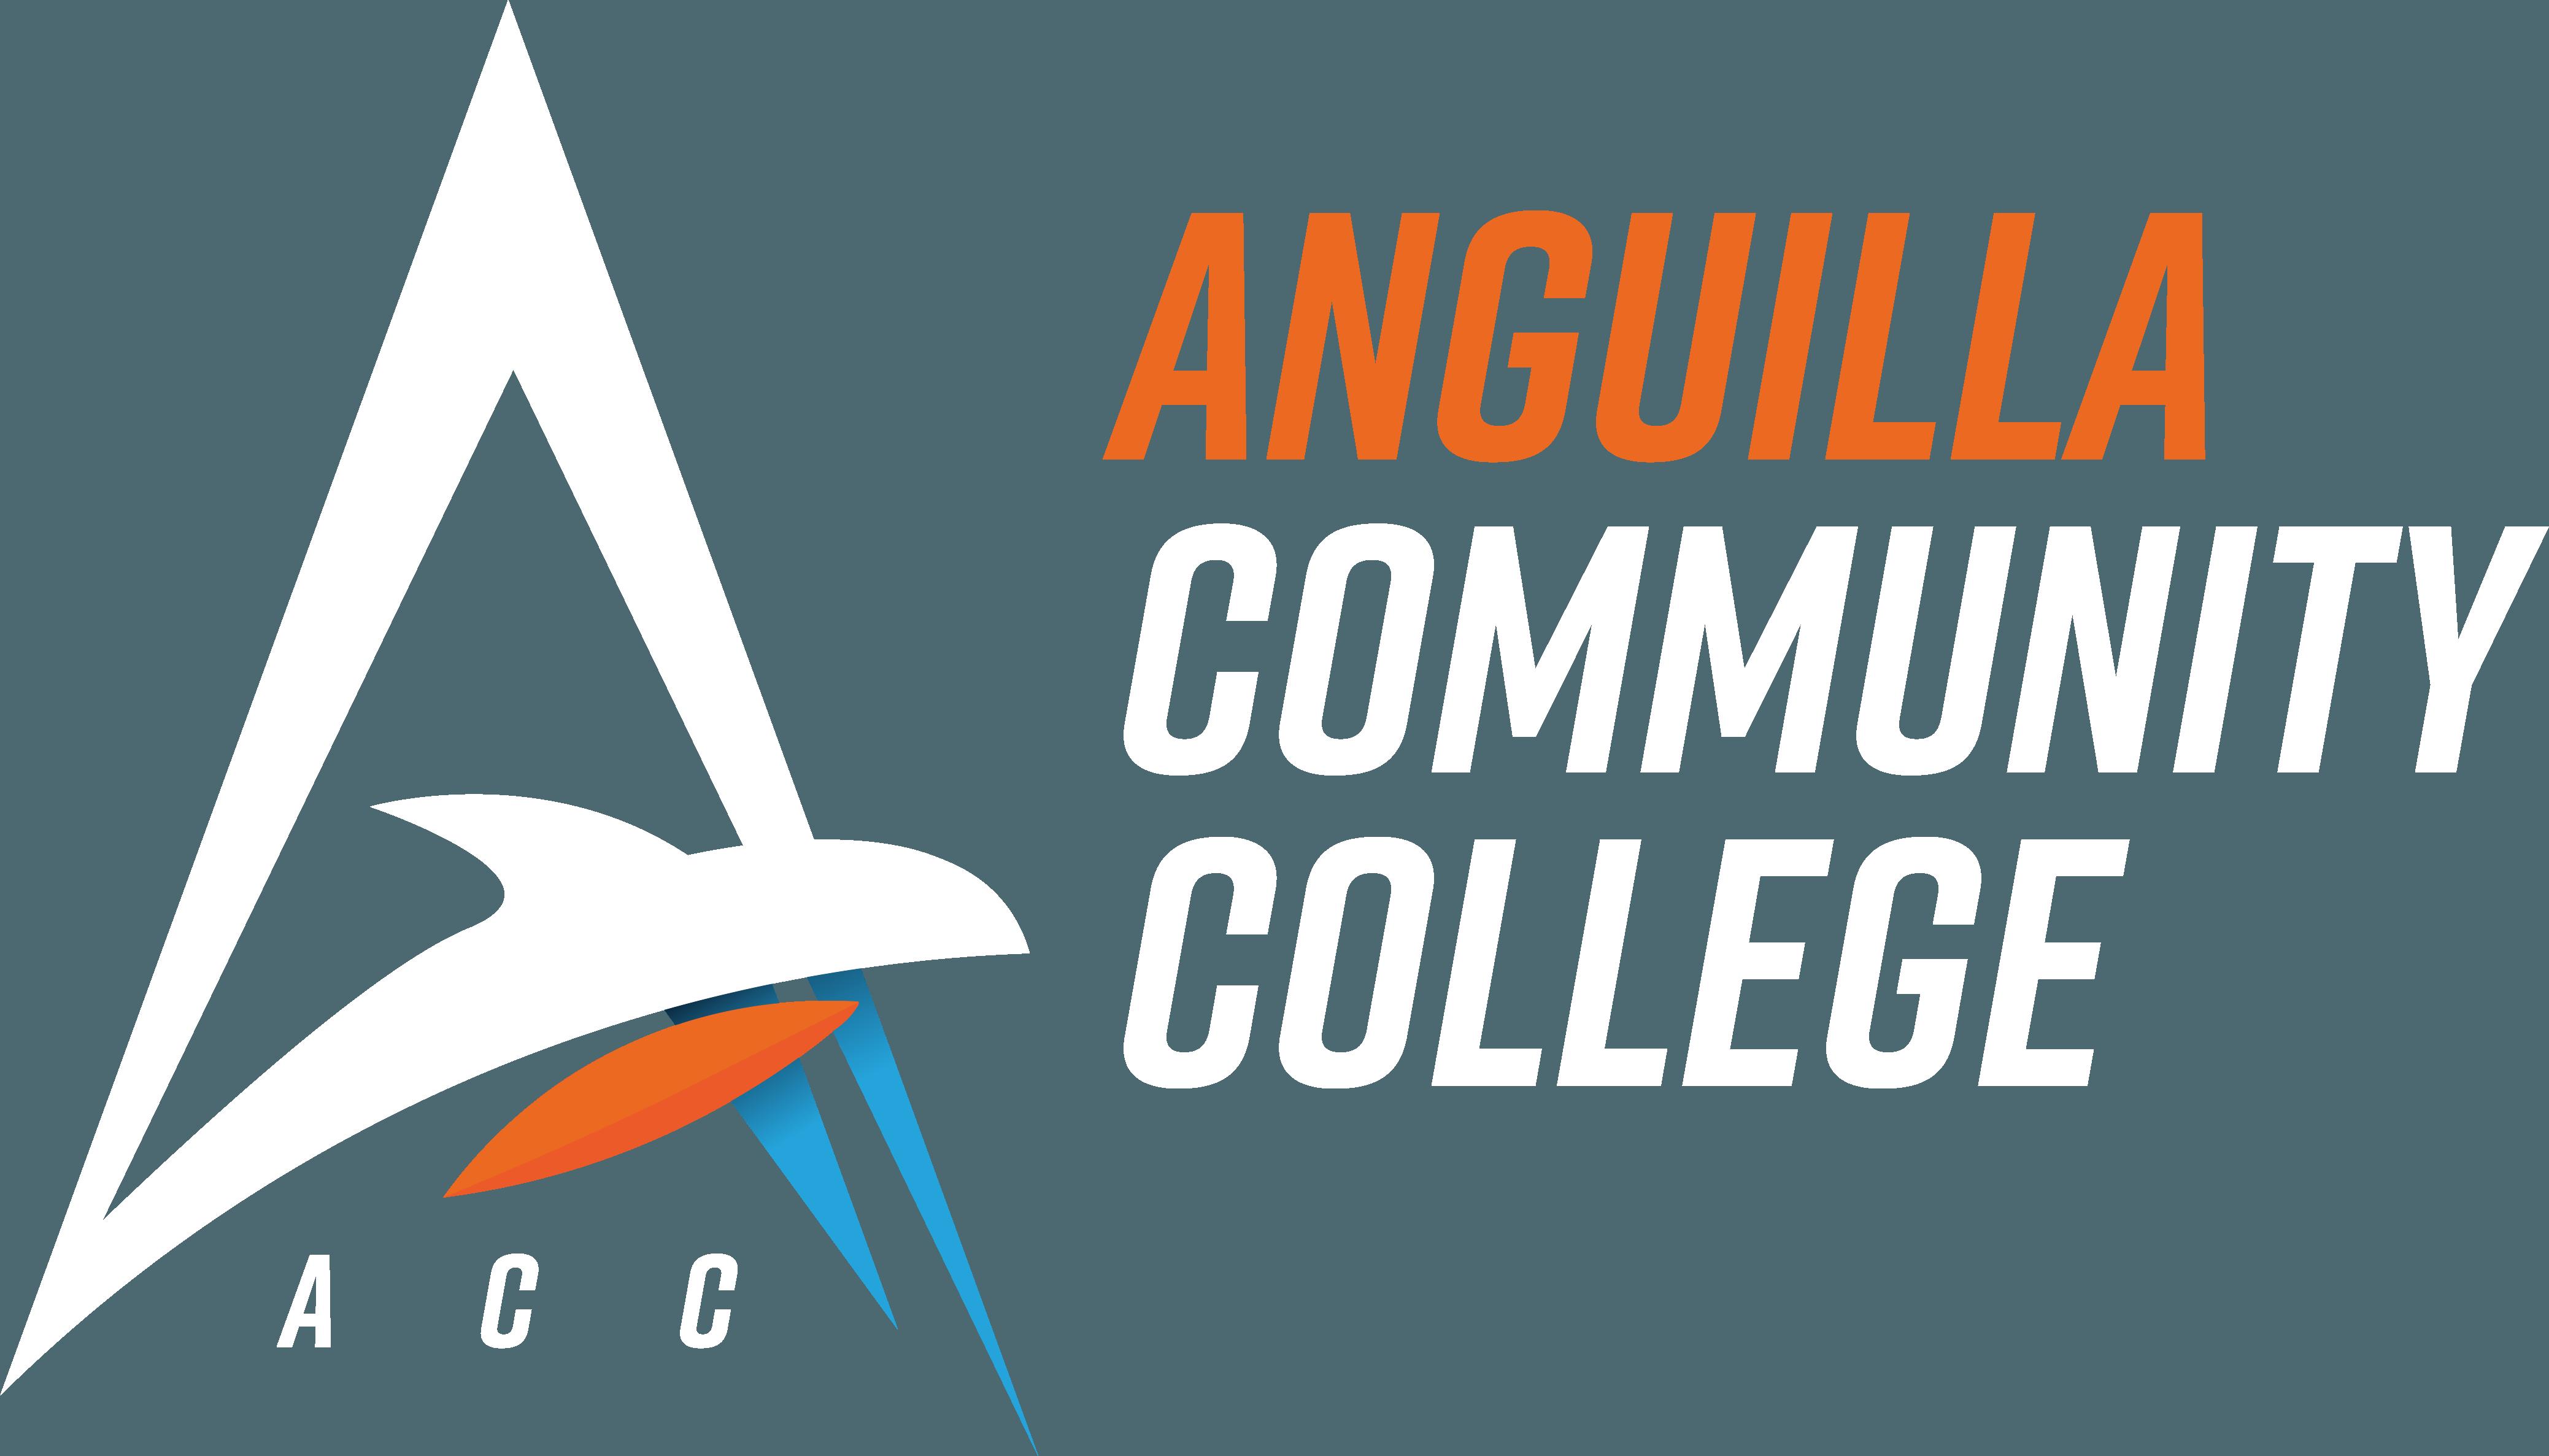 Anguilla Community College